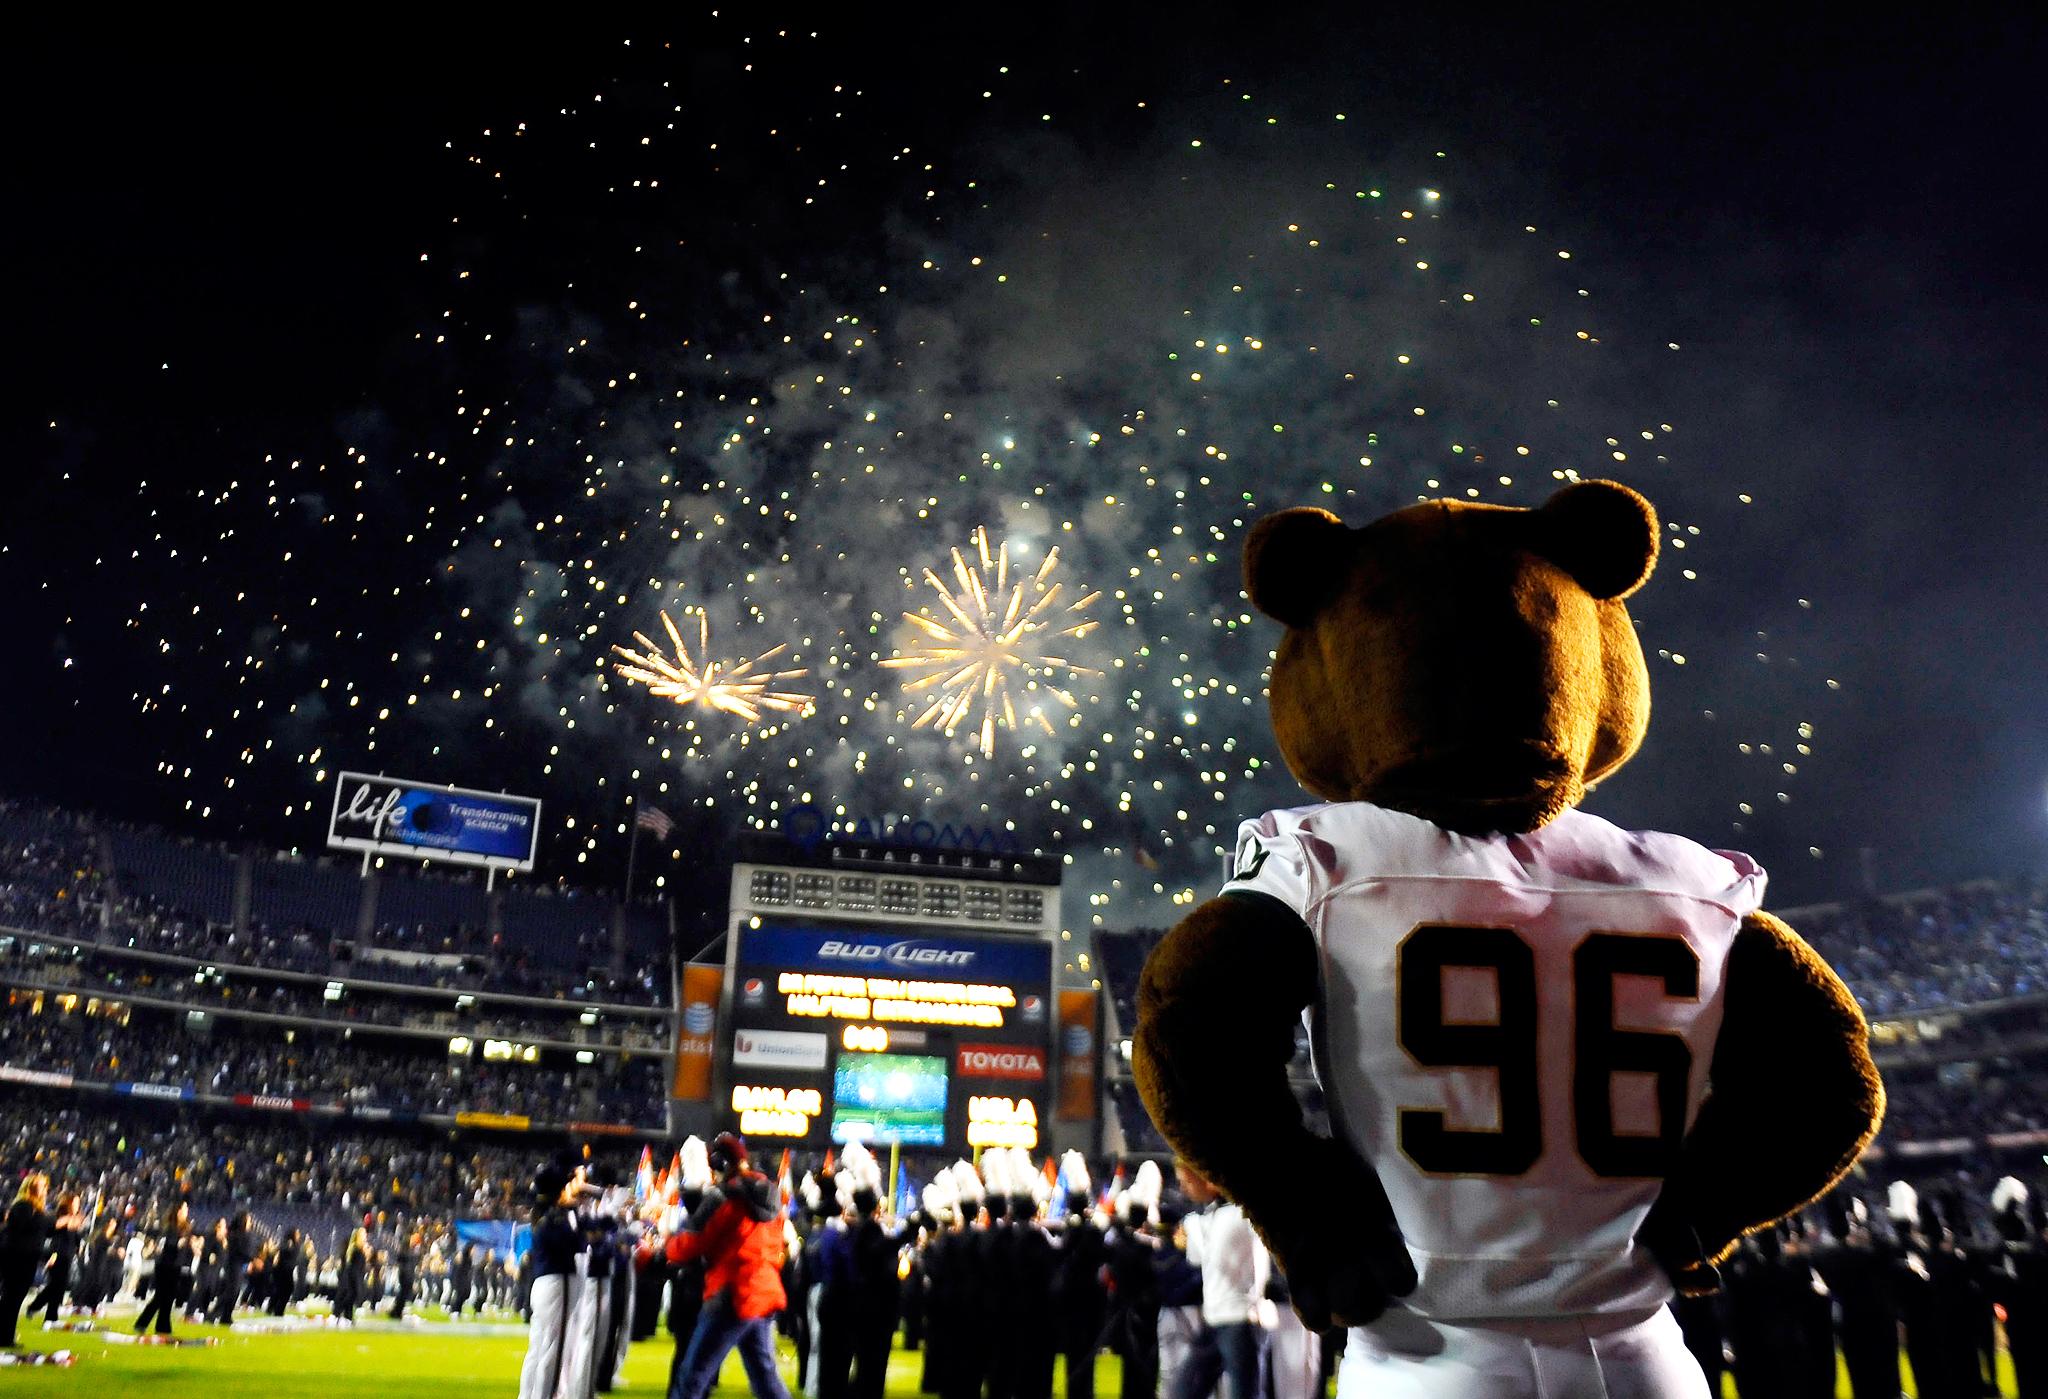 Baylor Bears mascot